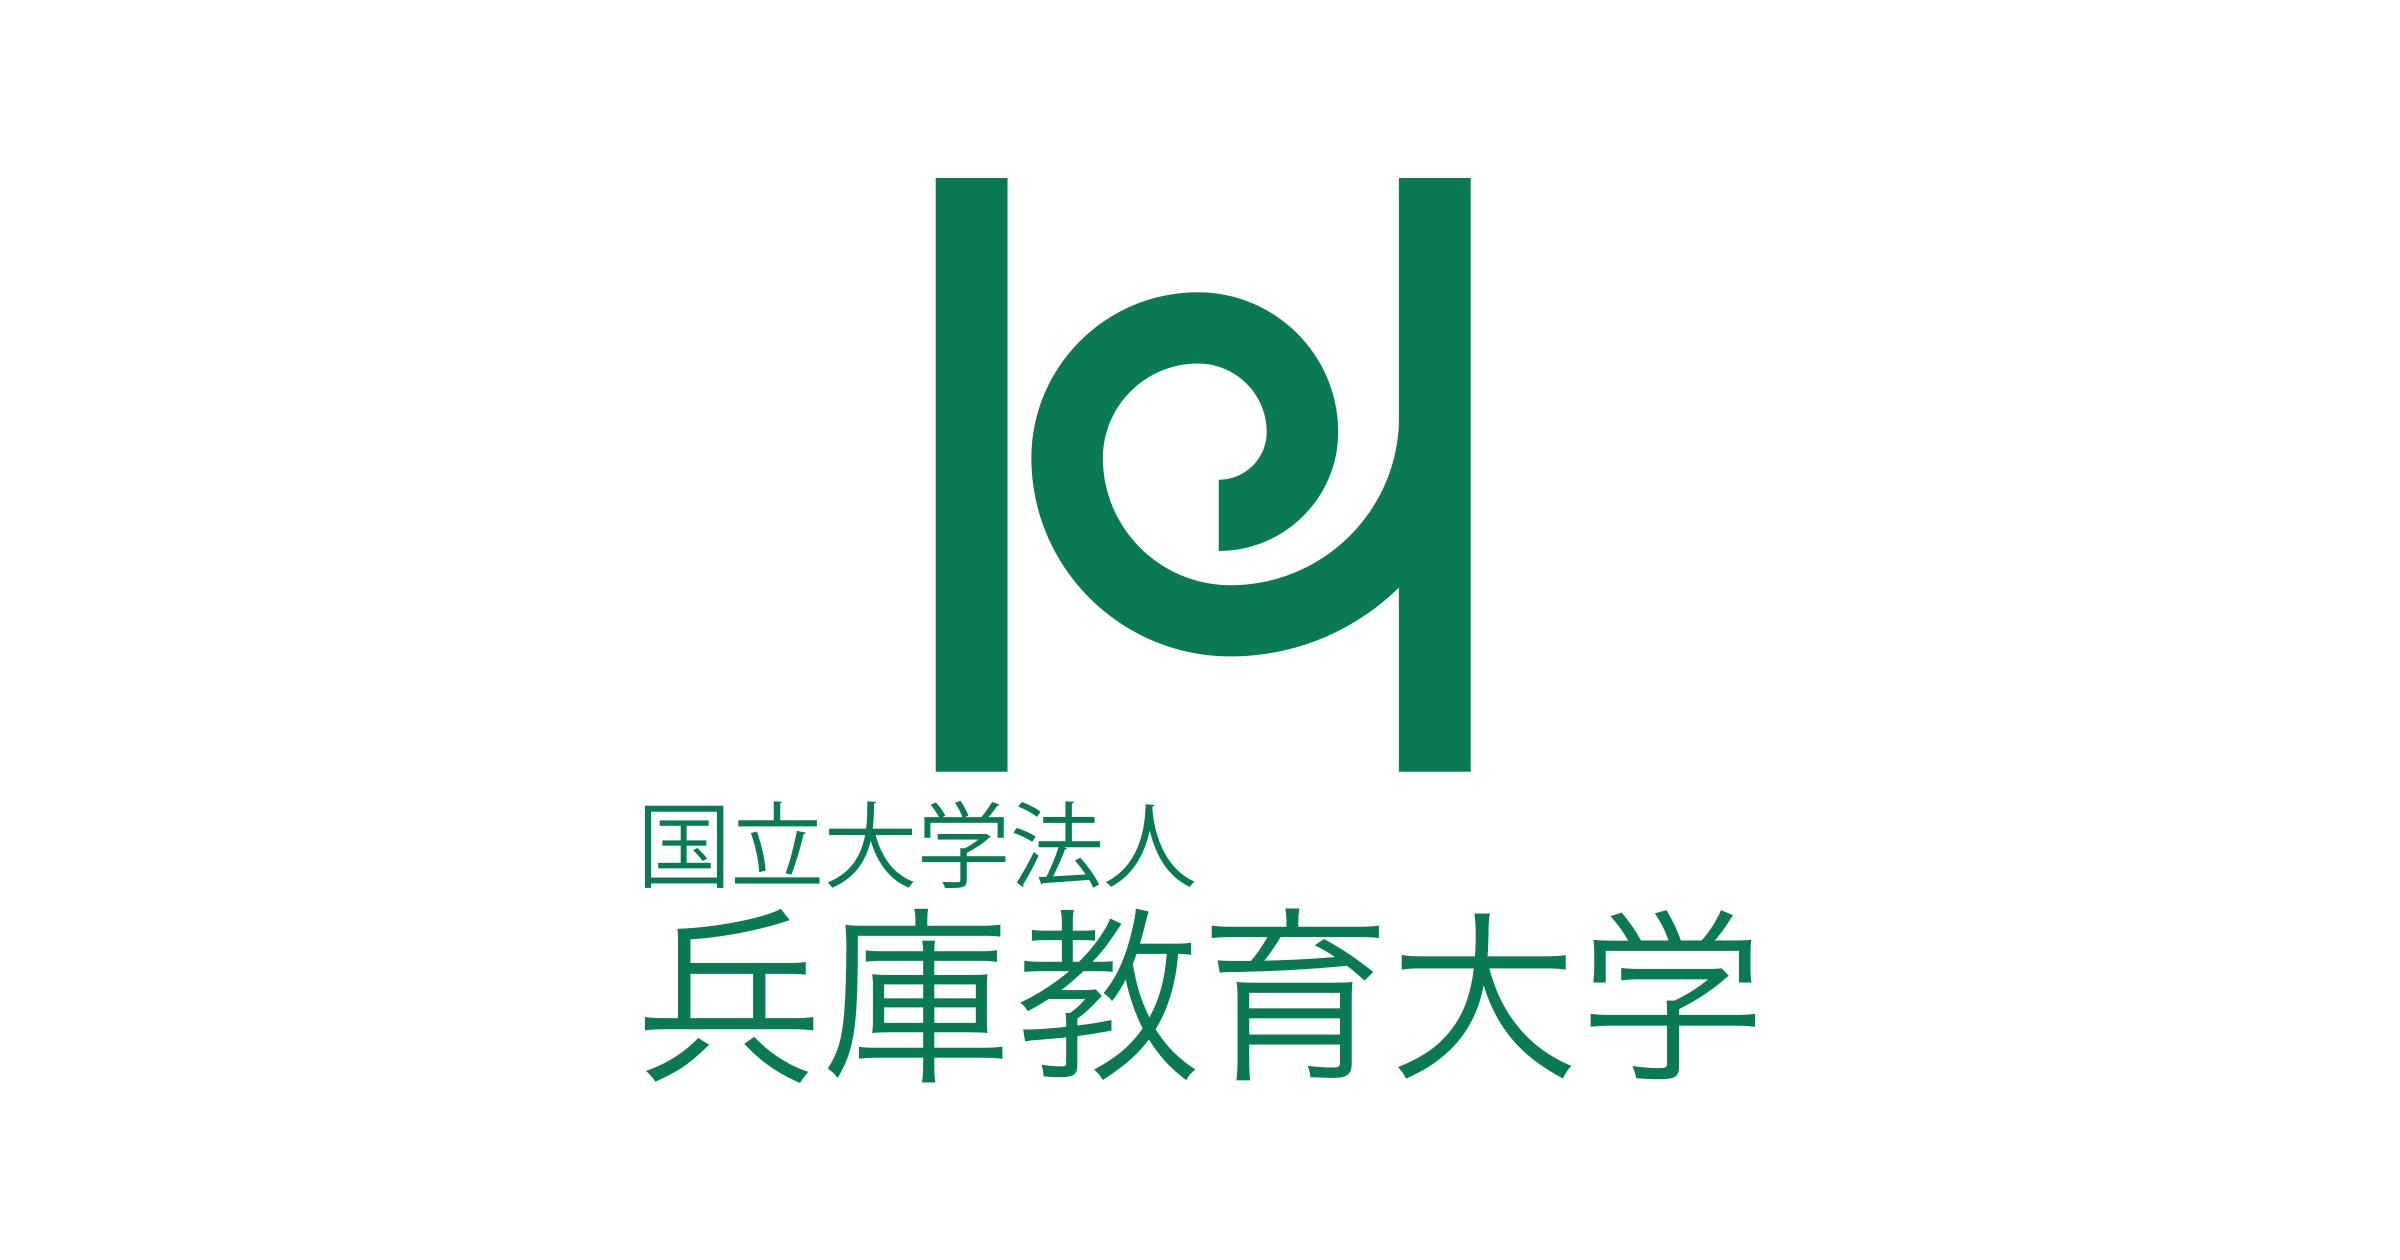 ページ 兵庫 大学 マイ